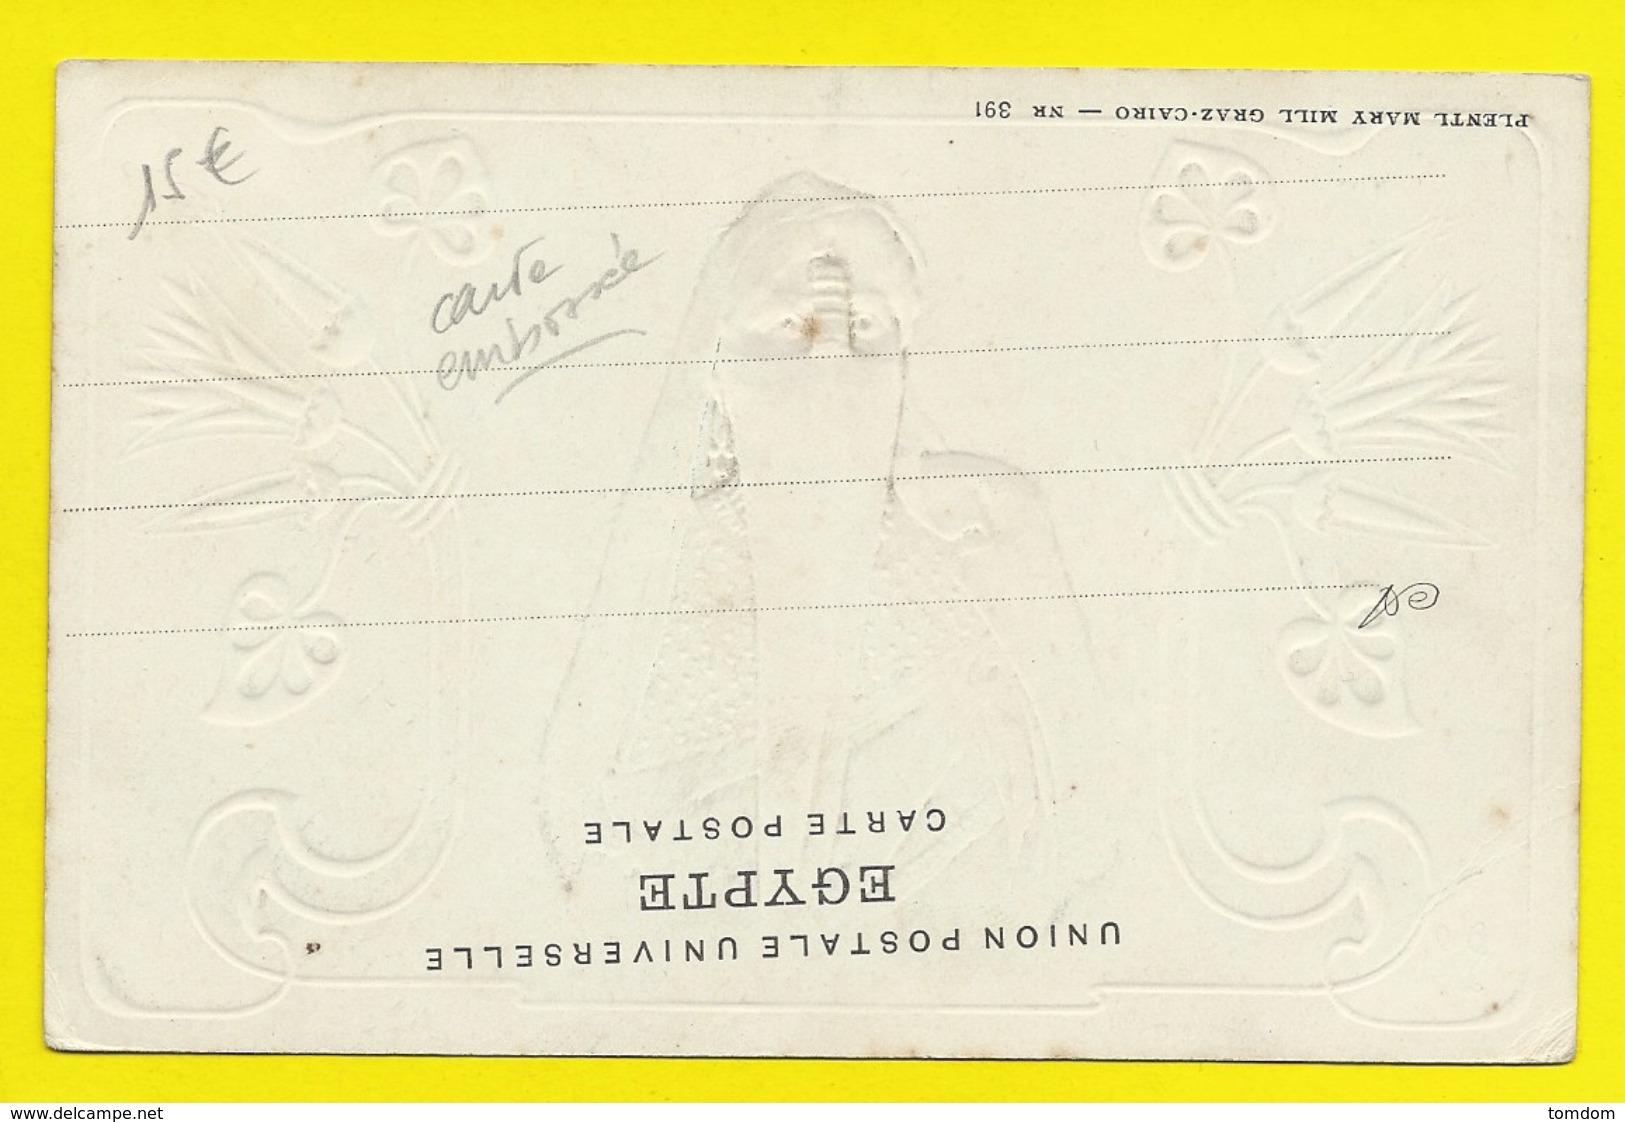 Afrique **** Egypte - Ethno - Femme Egyptienne (carte Embossée,colorisée) - Africa